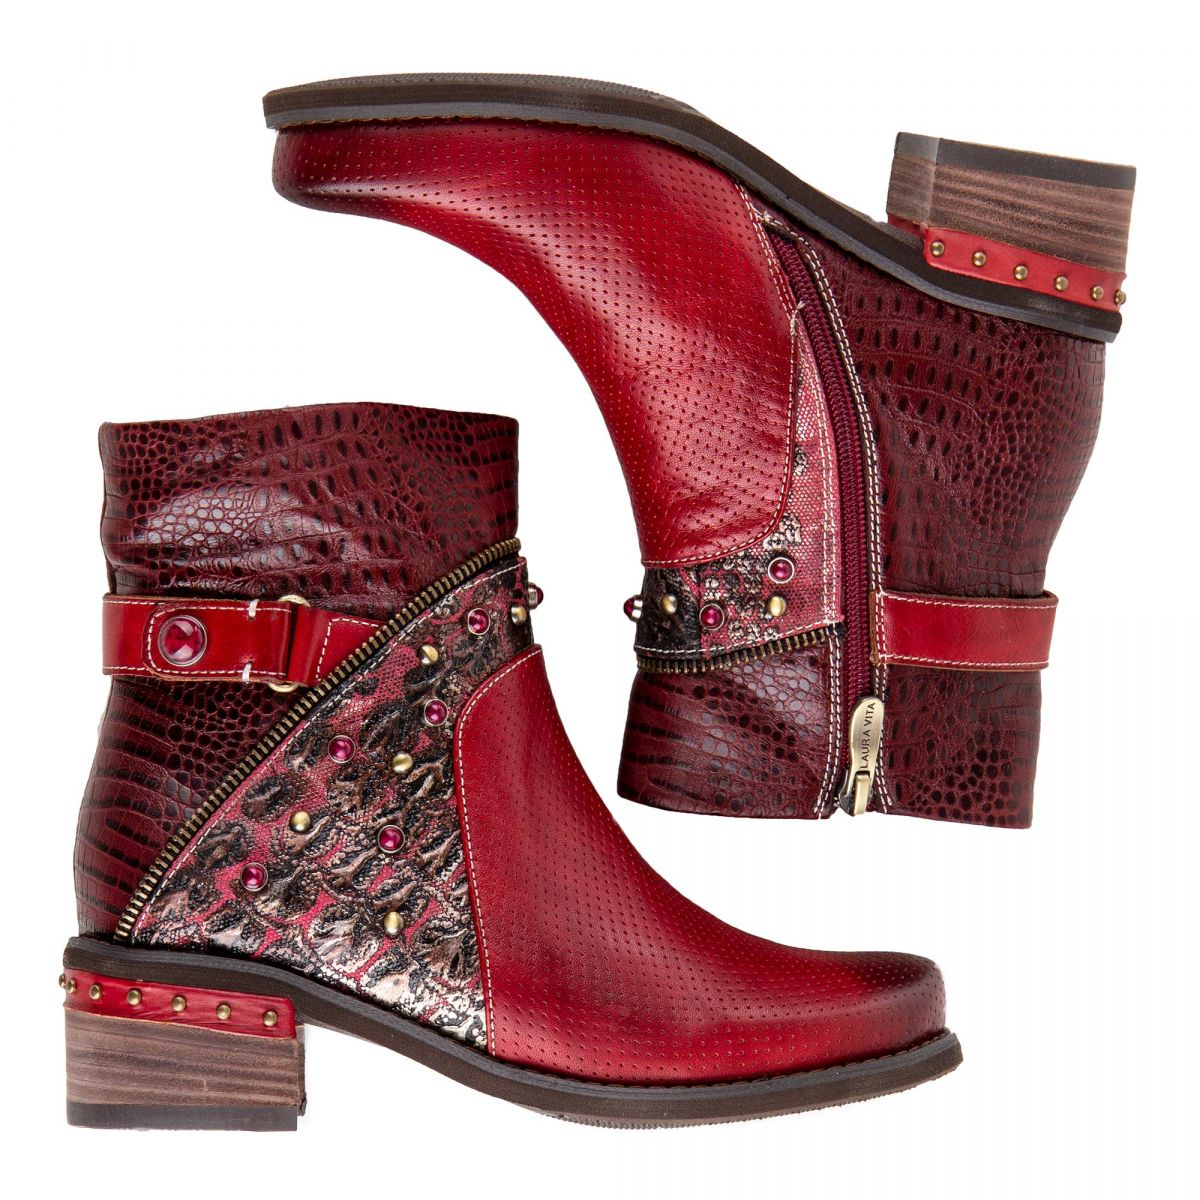 Bottines en cuir rouge femme ETHEL 05 LAURA VITA marque pas cher prix  dégriffés destockage ... 7048e77c4be2